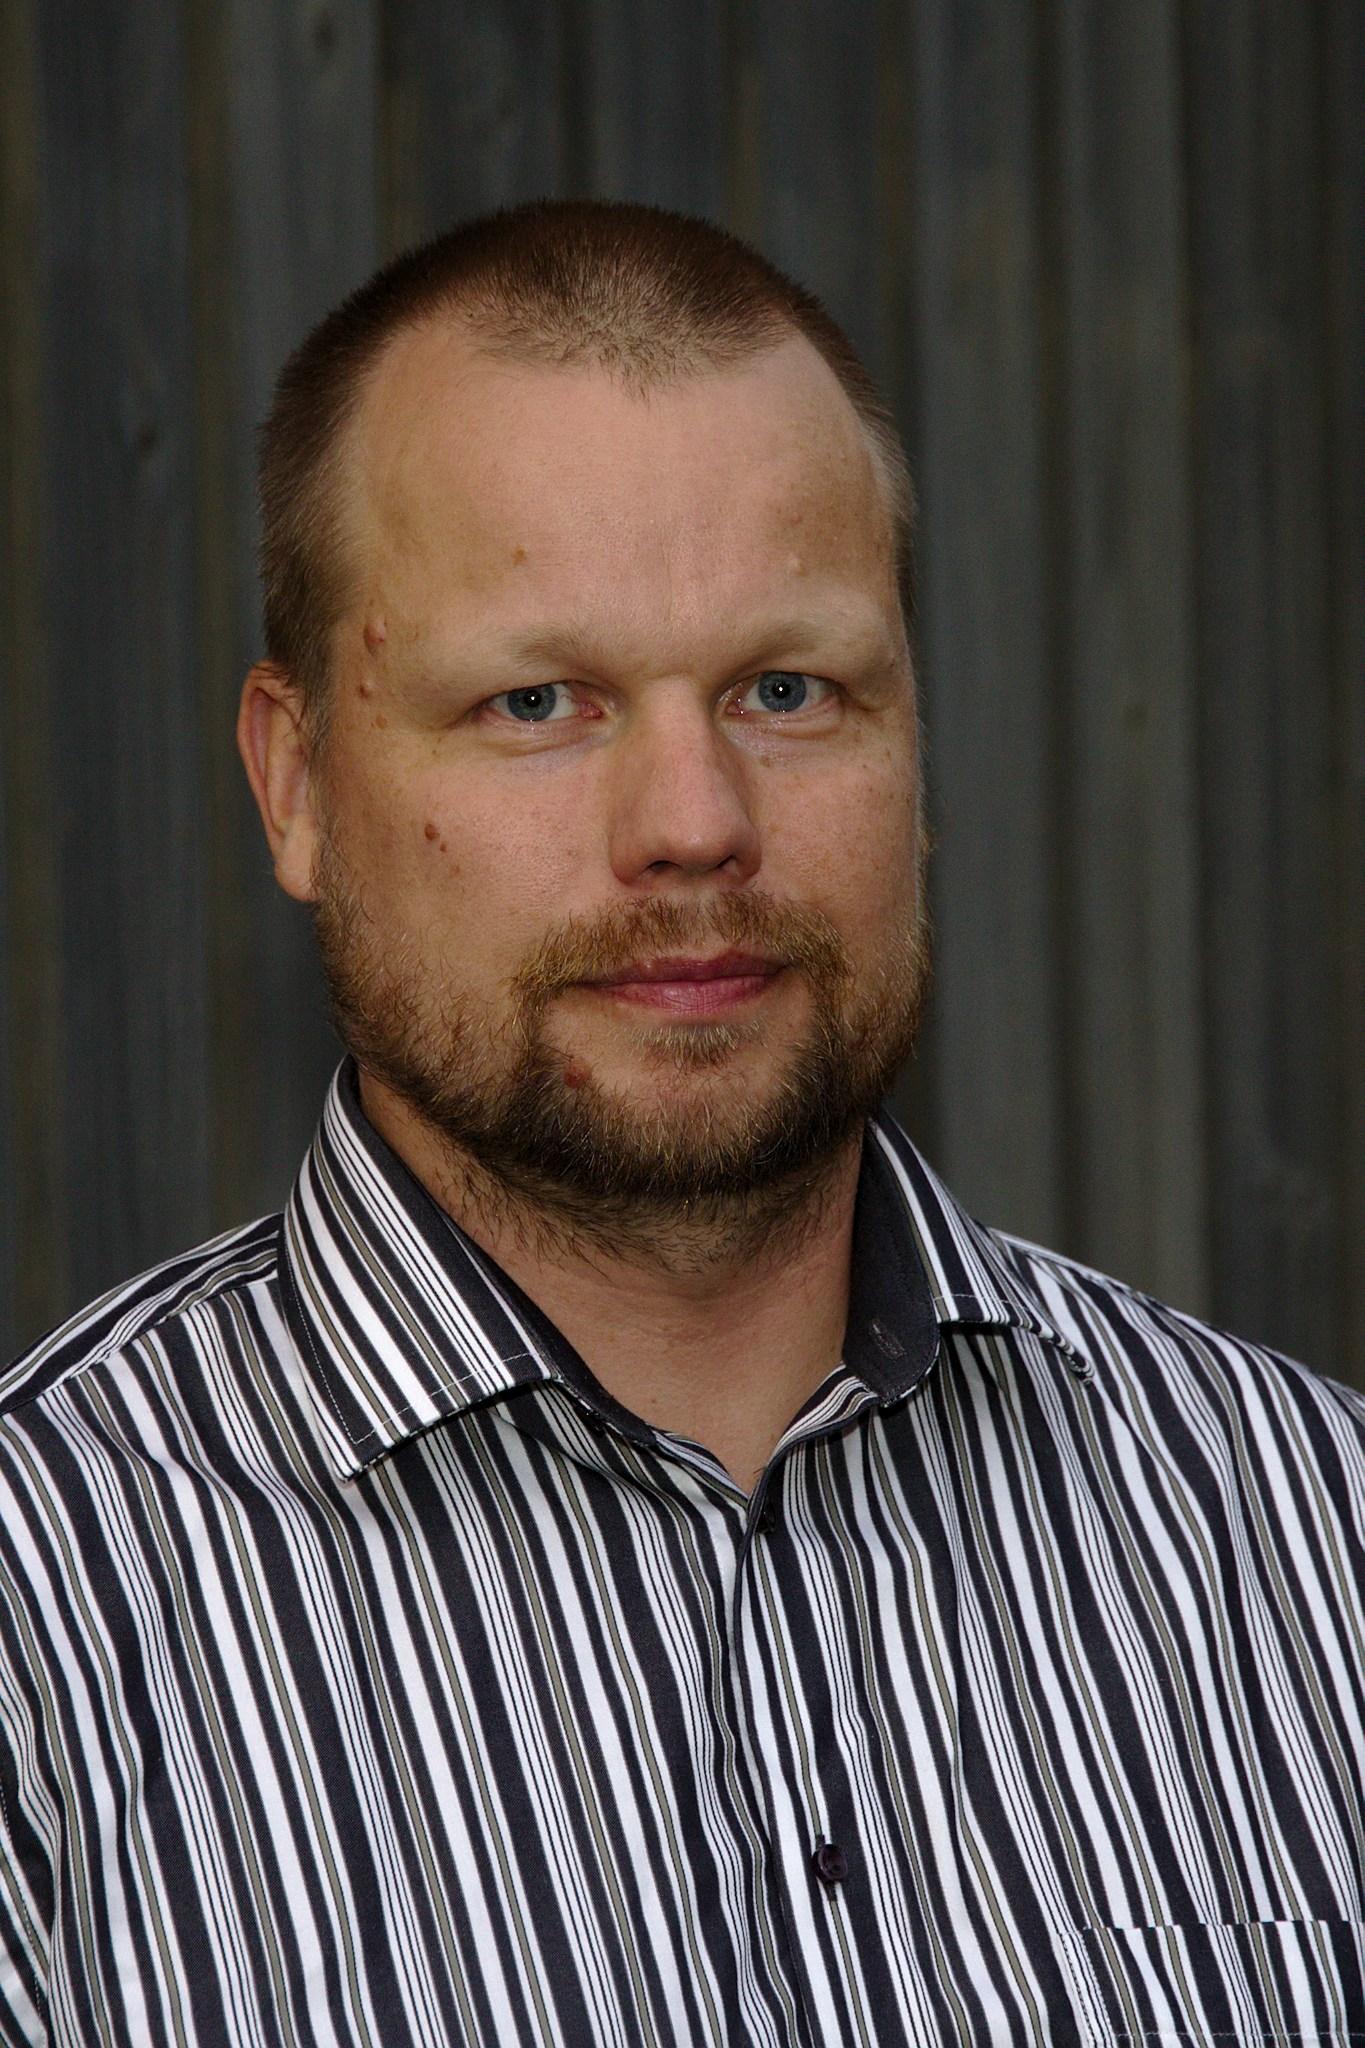 Markus Peuhkuri